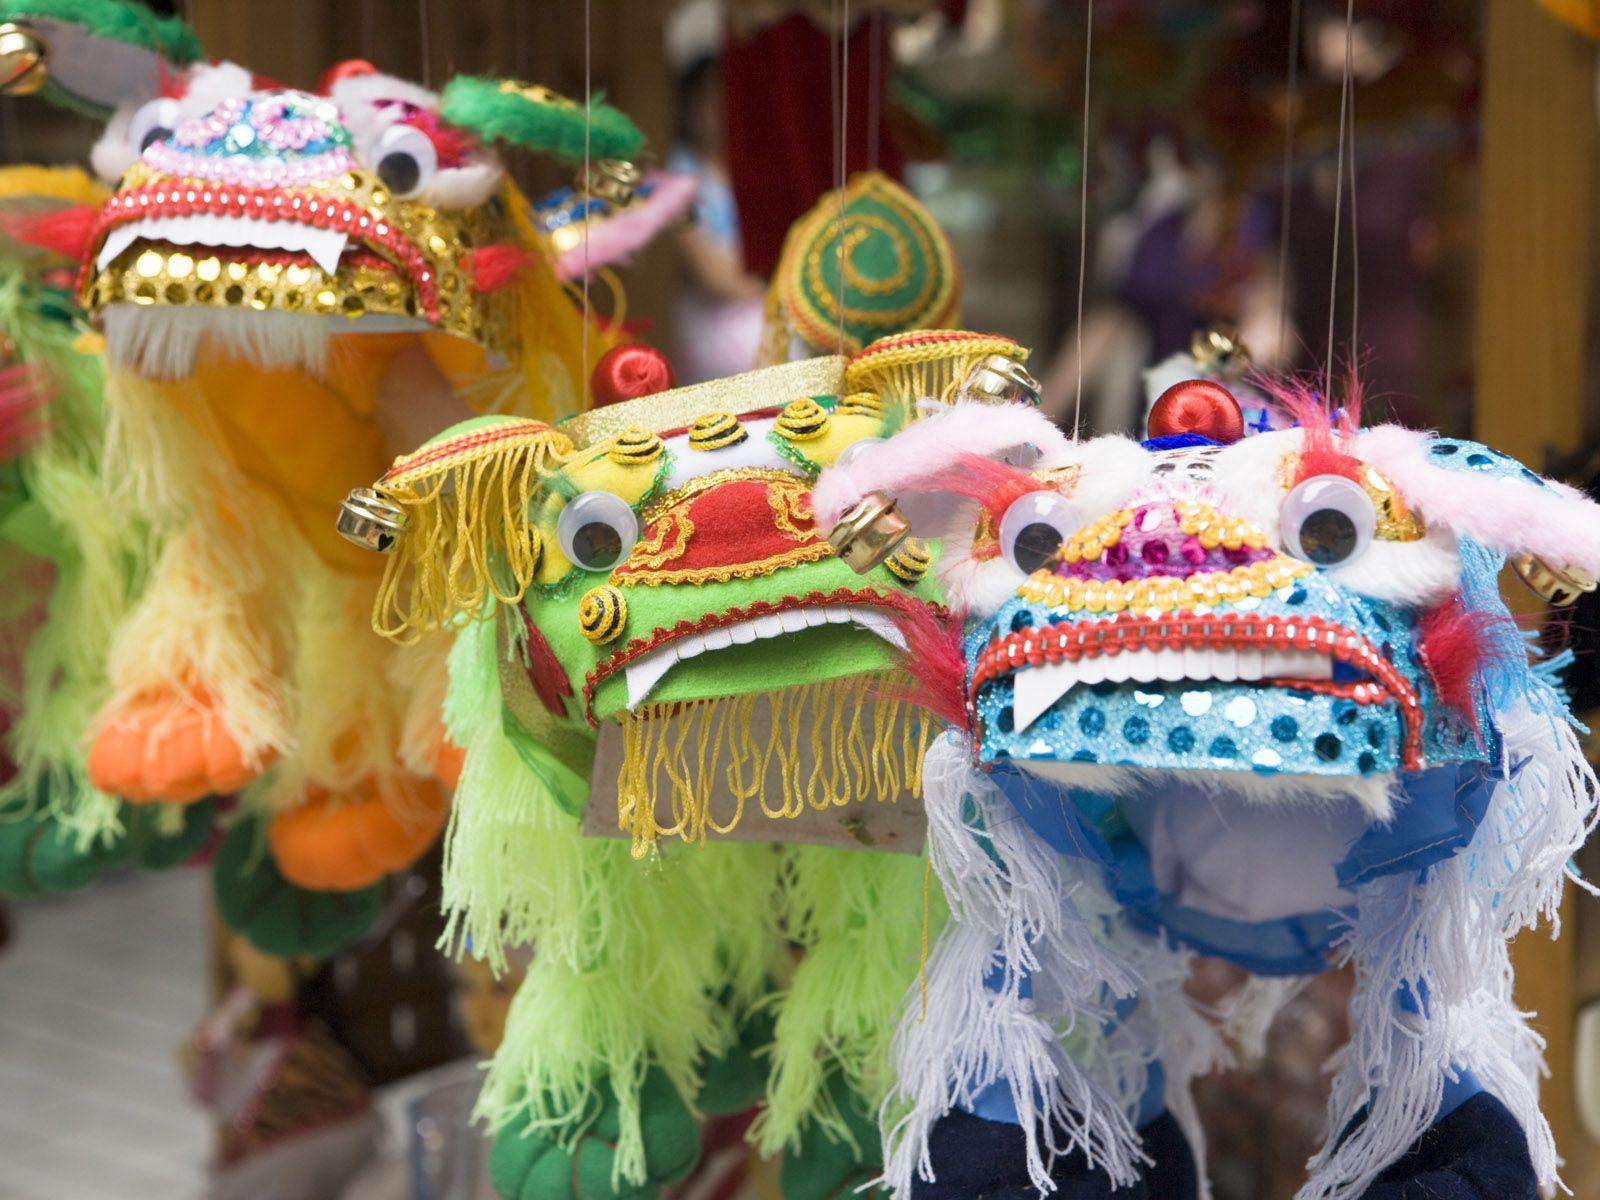 114221 Hintergrundbild herunterladen Dragons, Spielzeug, Verschiedenes, Sonstige, Mehrfarbig, Form, Formen, Bunten - Bildschirmschoner und Bilder kostenlos